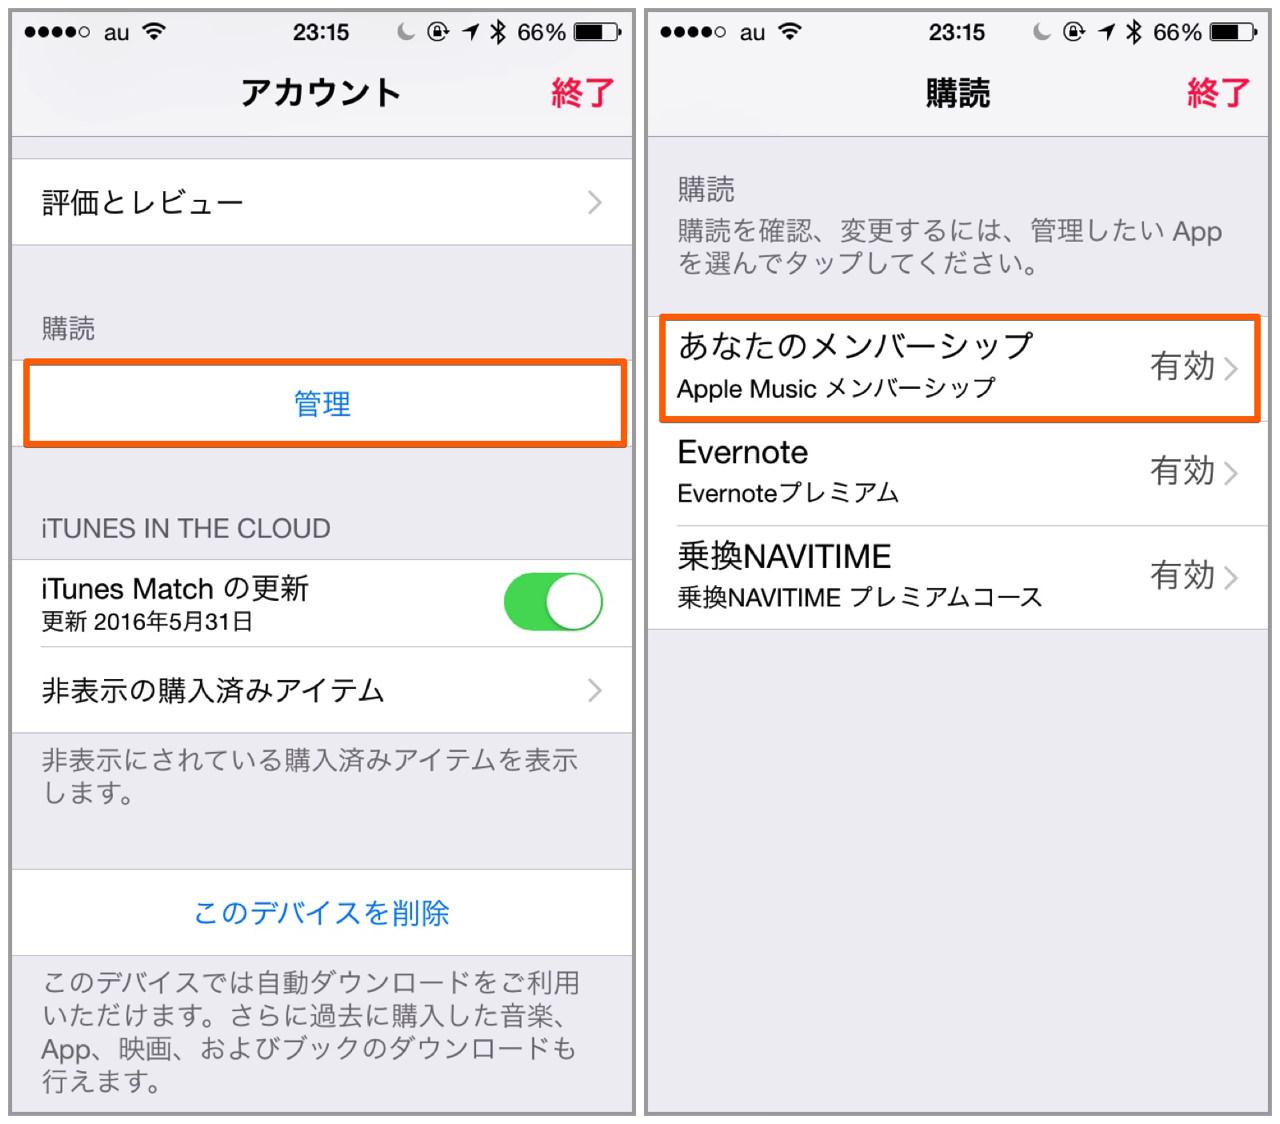 「購読」の管理から「Apple Music」のメンバーシップを選択する